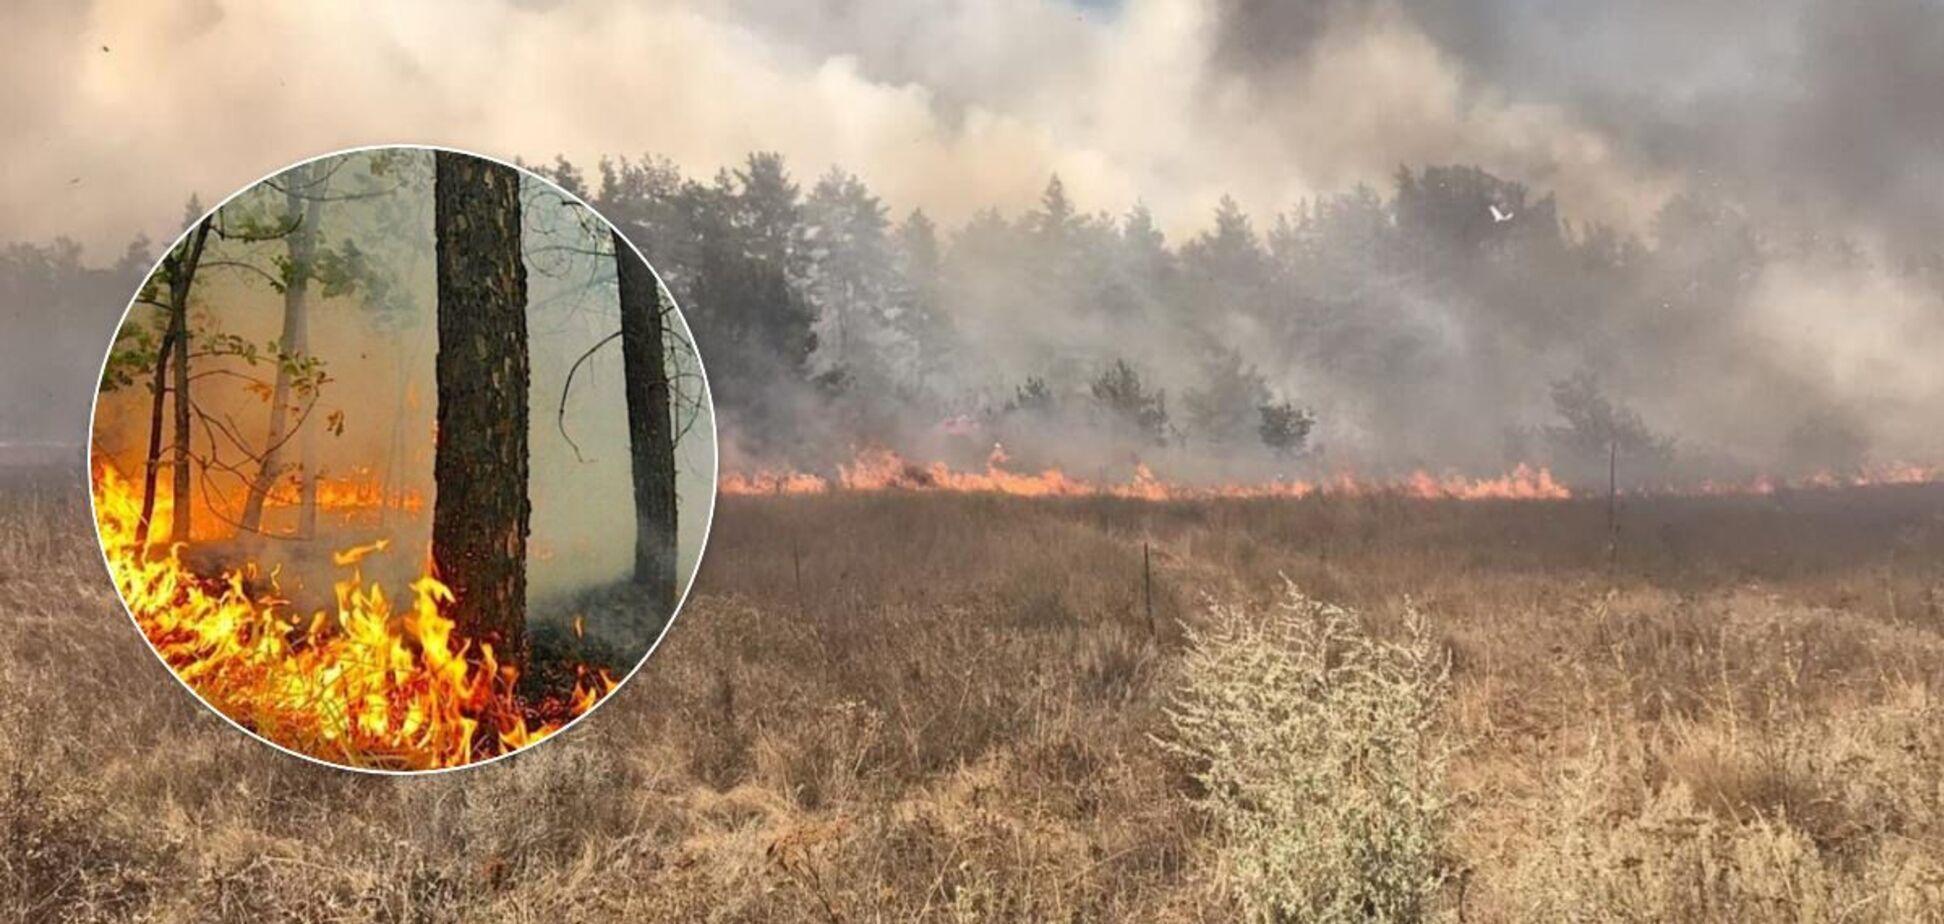 У Росії на кордоні з Україною спалахнули лісові пожежі: є жертви. Фото і відео